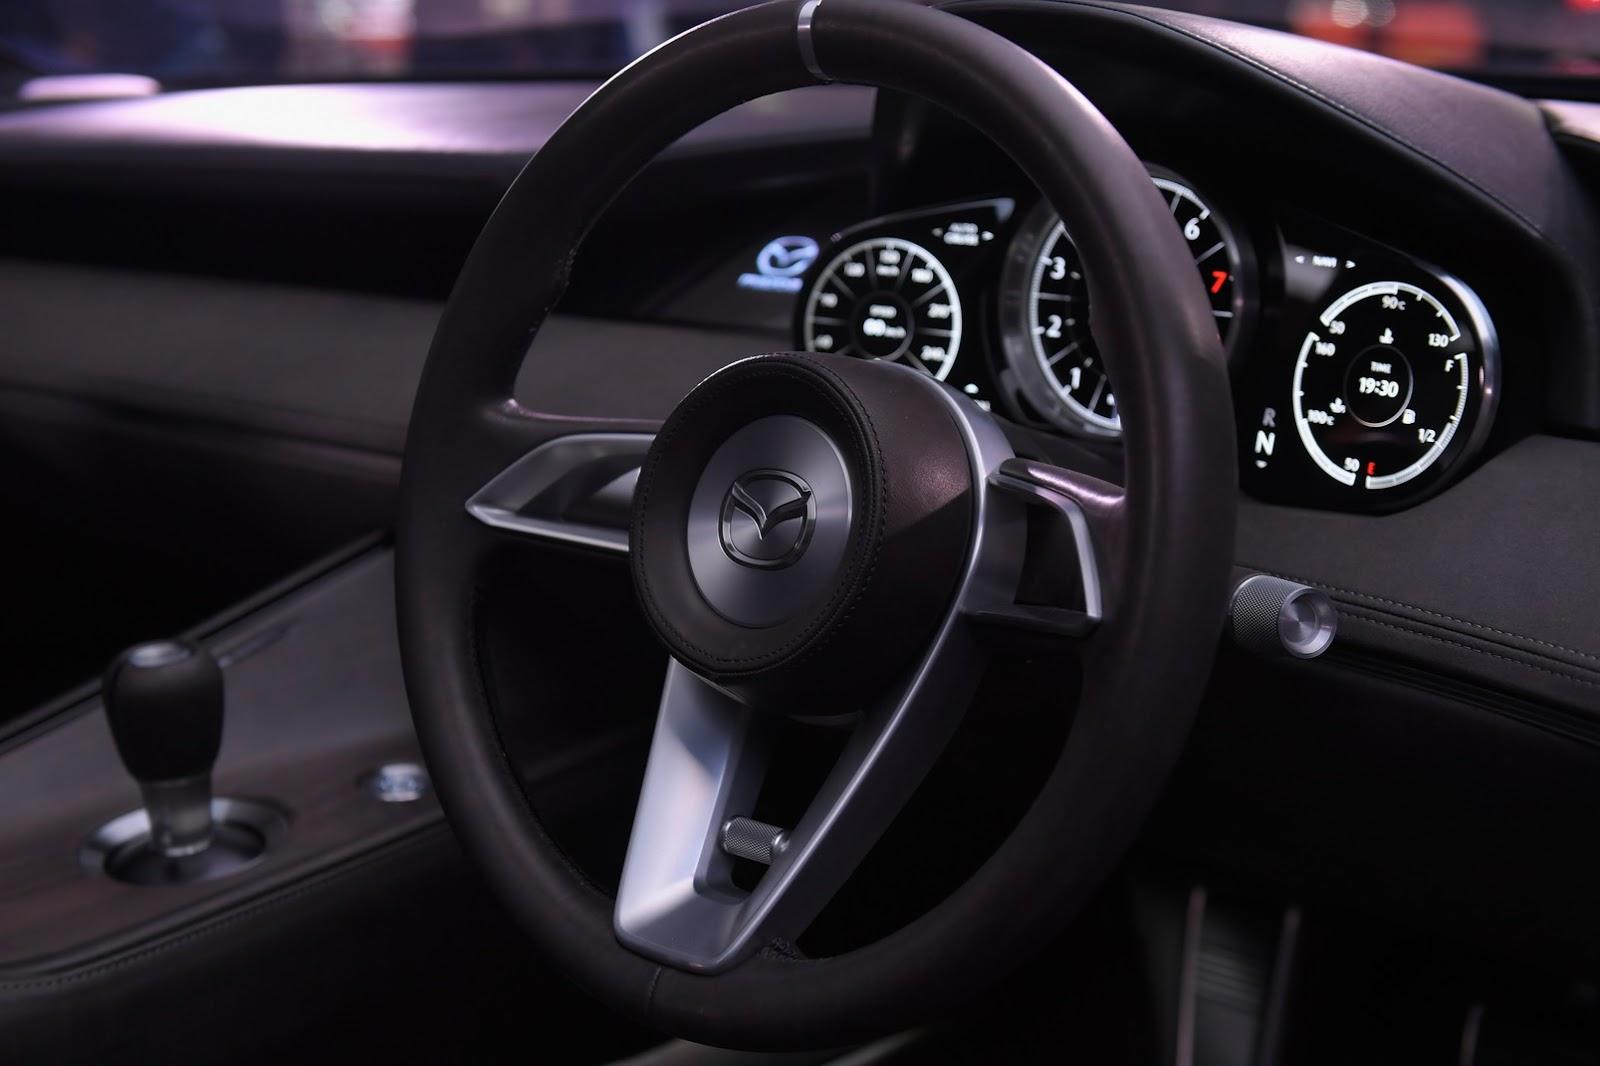 Mazda đang phát triển động cơ xăng và dầu 6 động cơ Skyactiv-X mới - 13